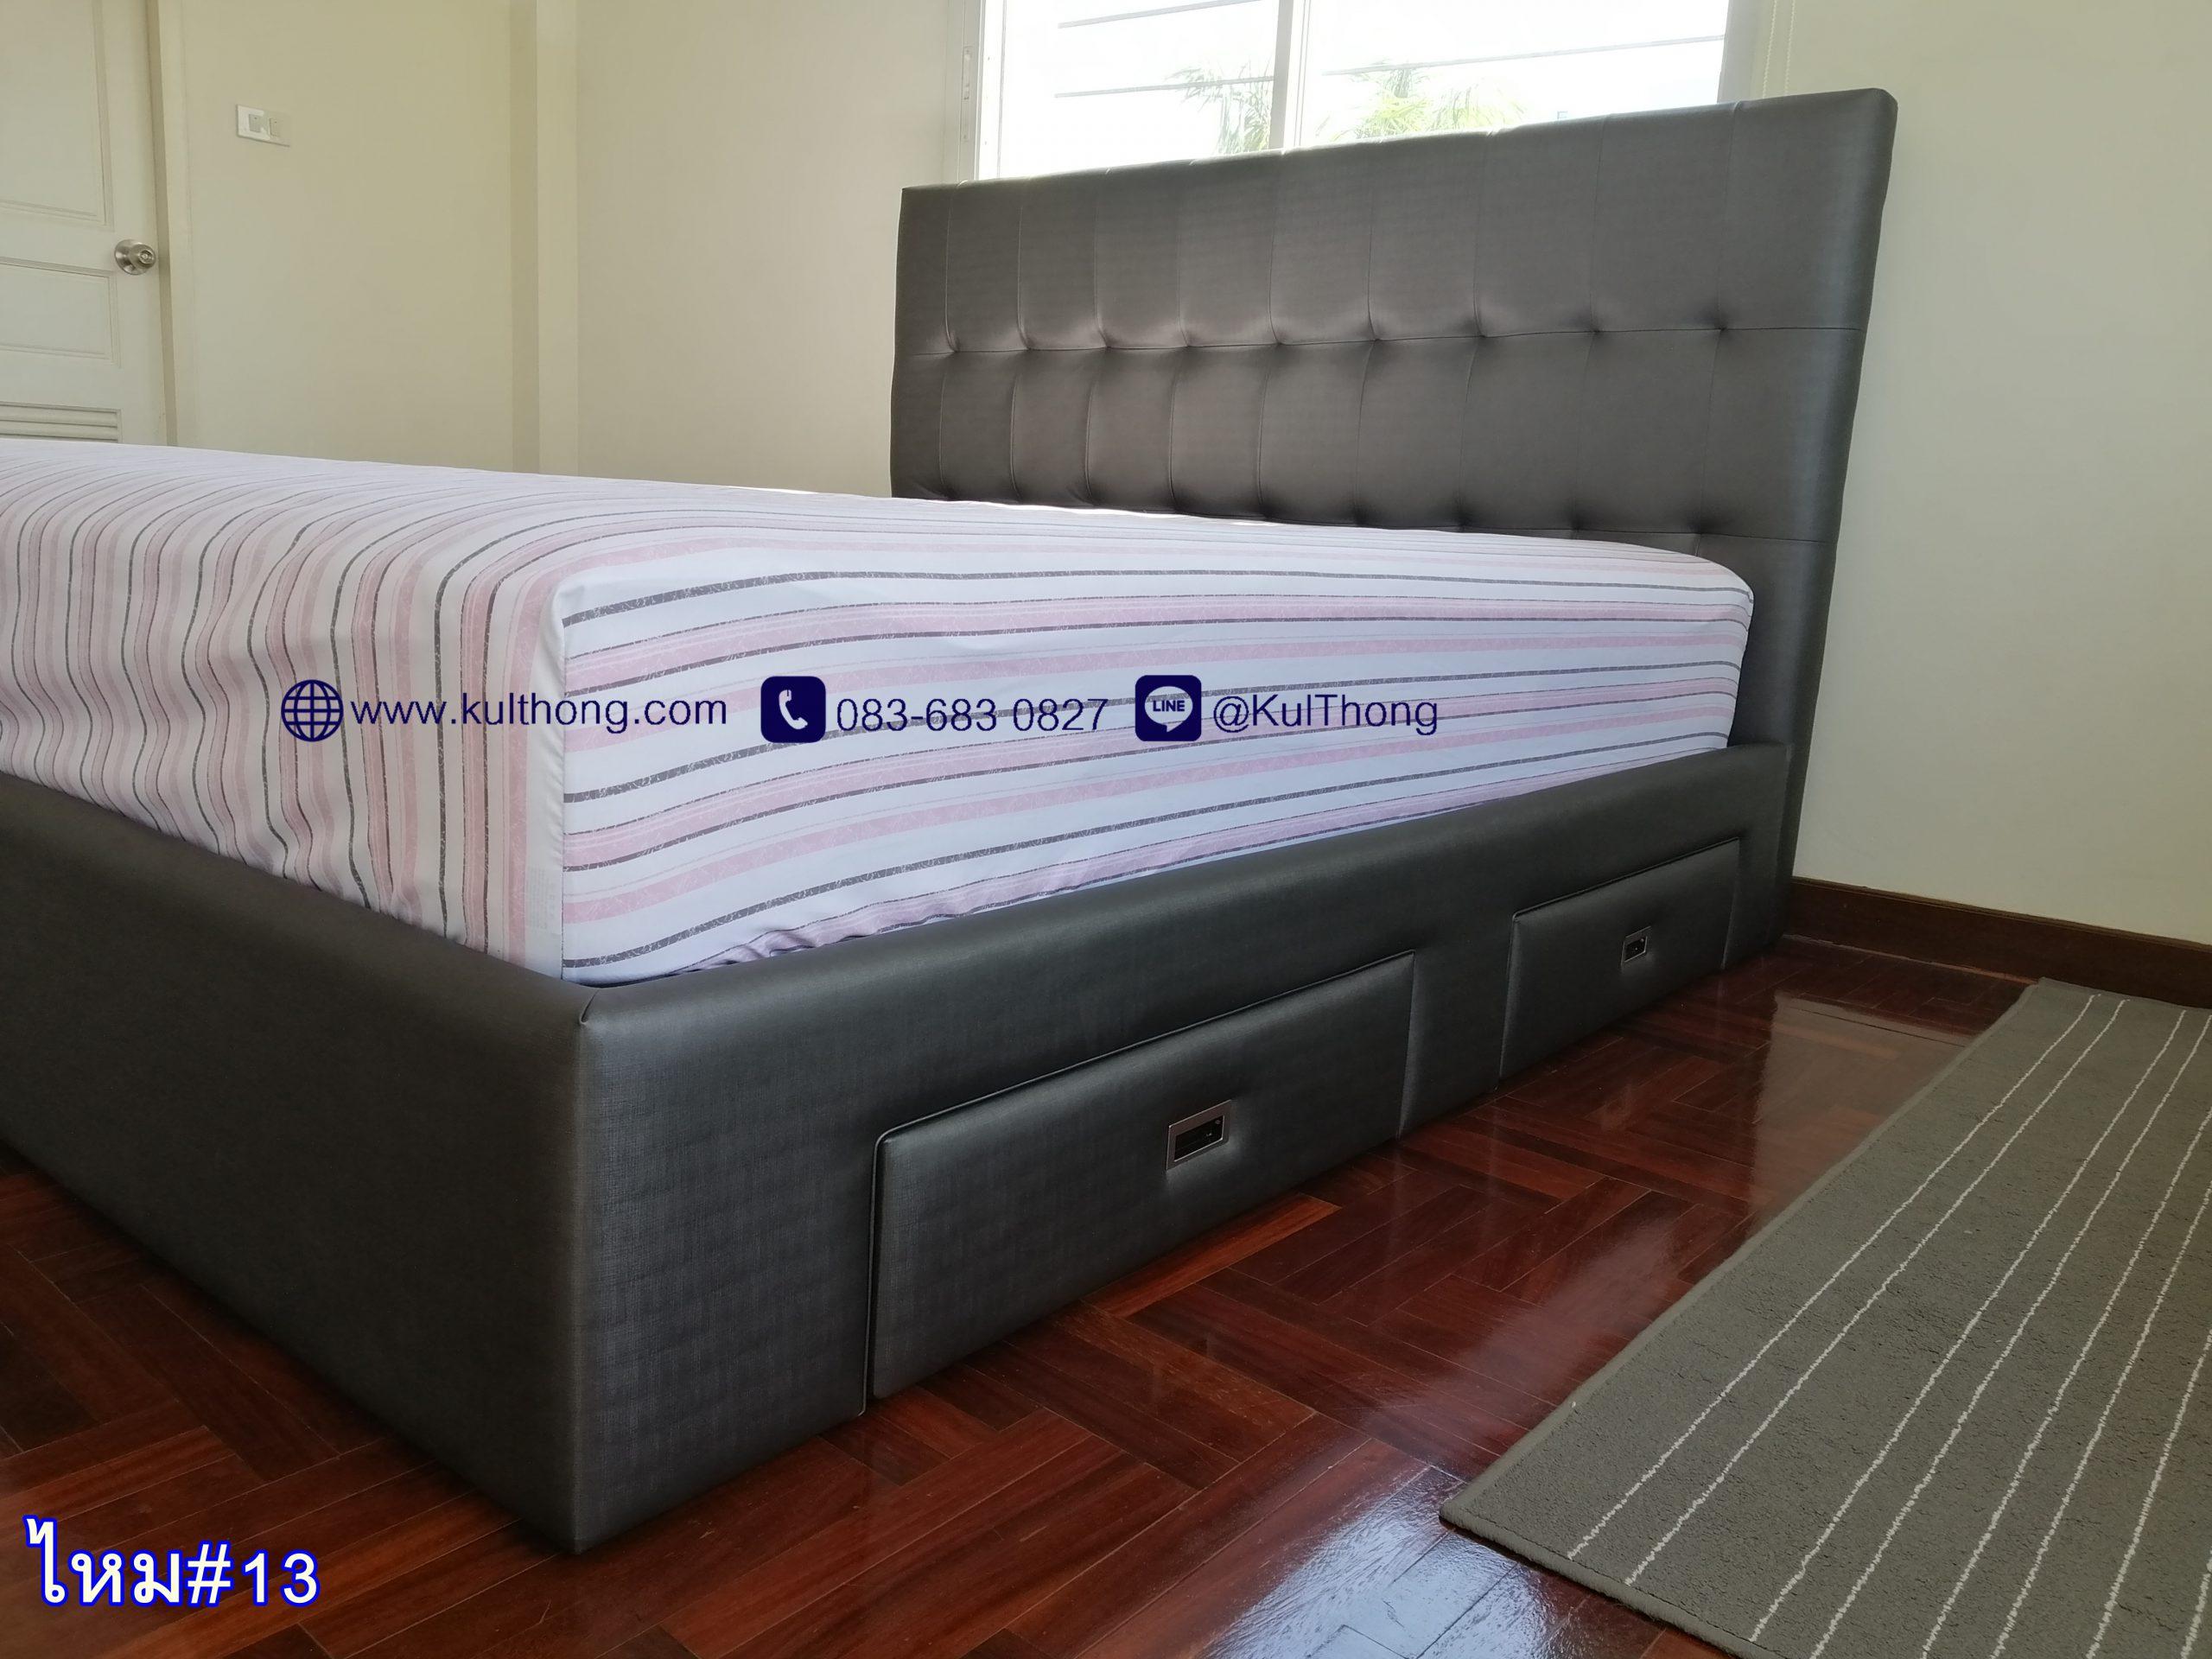 ฐานเตียงแบบมีหัวเตียง เตียงมีลิ้นชัก เตียงหุ้มหนัง เตียงประหยัดพื้นที่